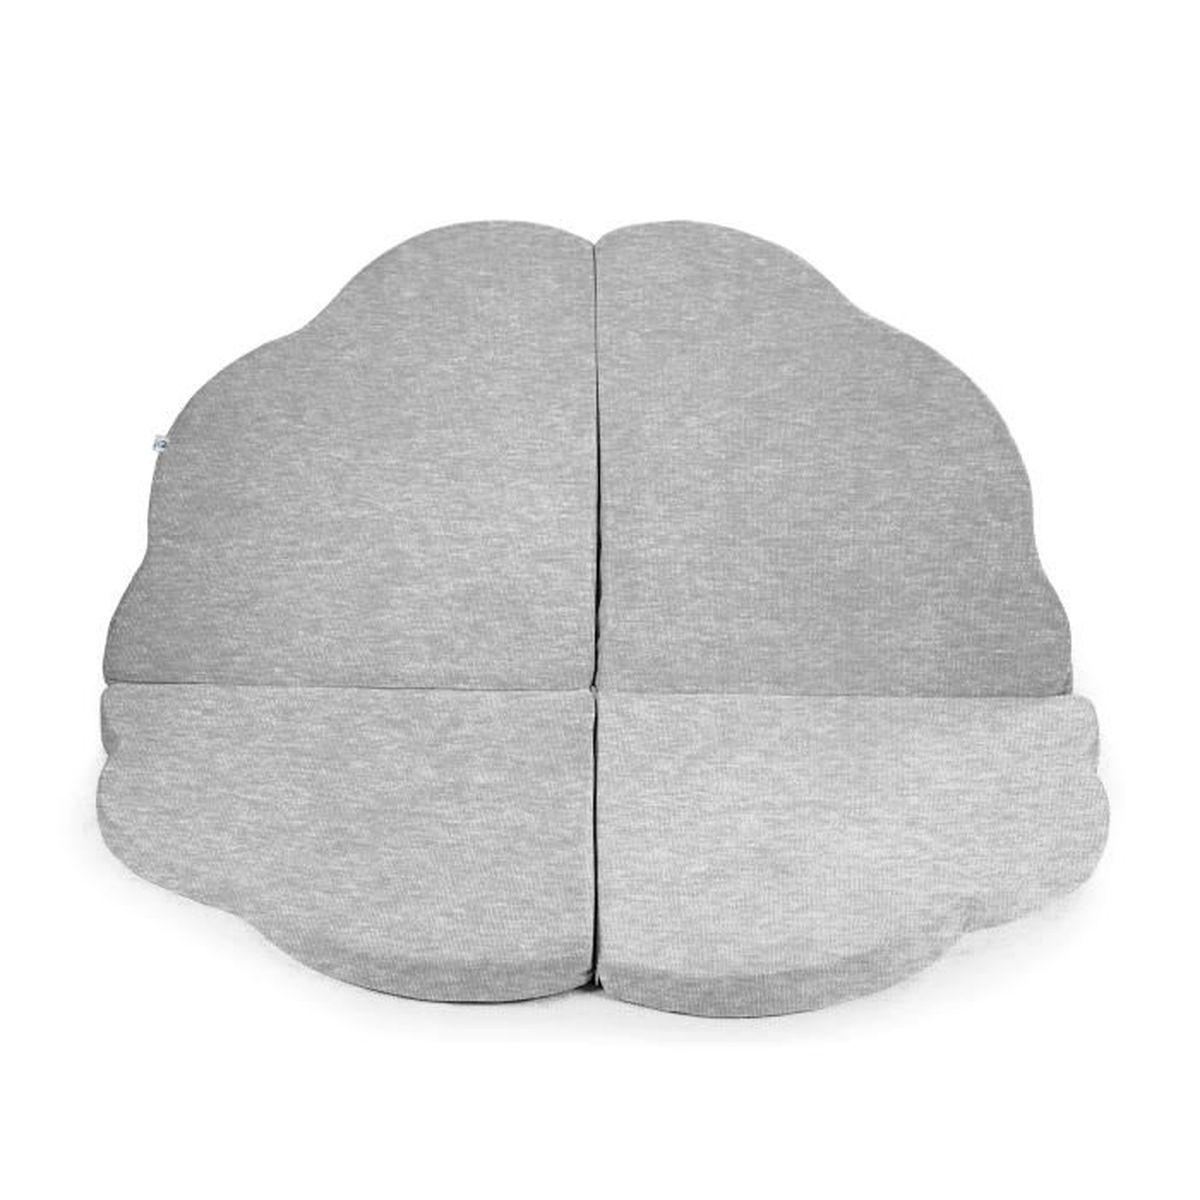 Tapis Chambre Bébé Mixte tapis de sol grey cloud bébé tapis nuage gris gris - achat